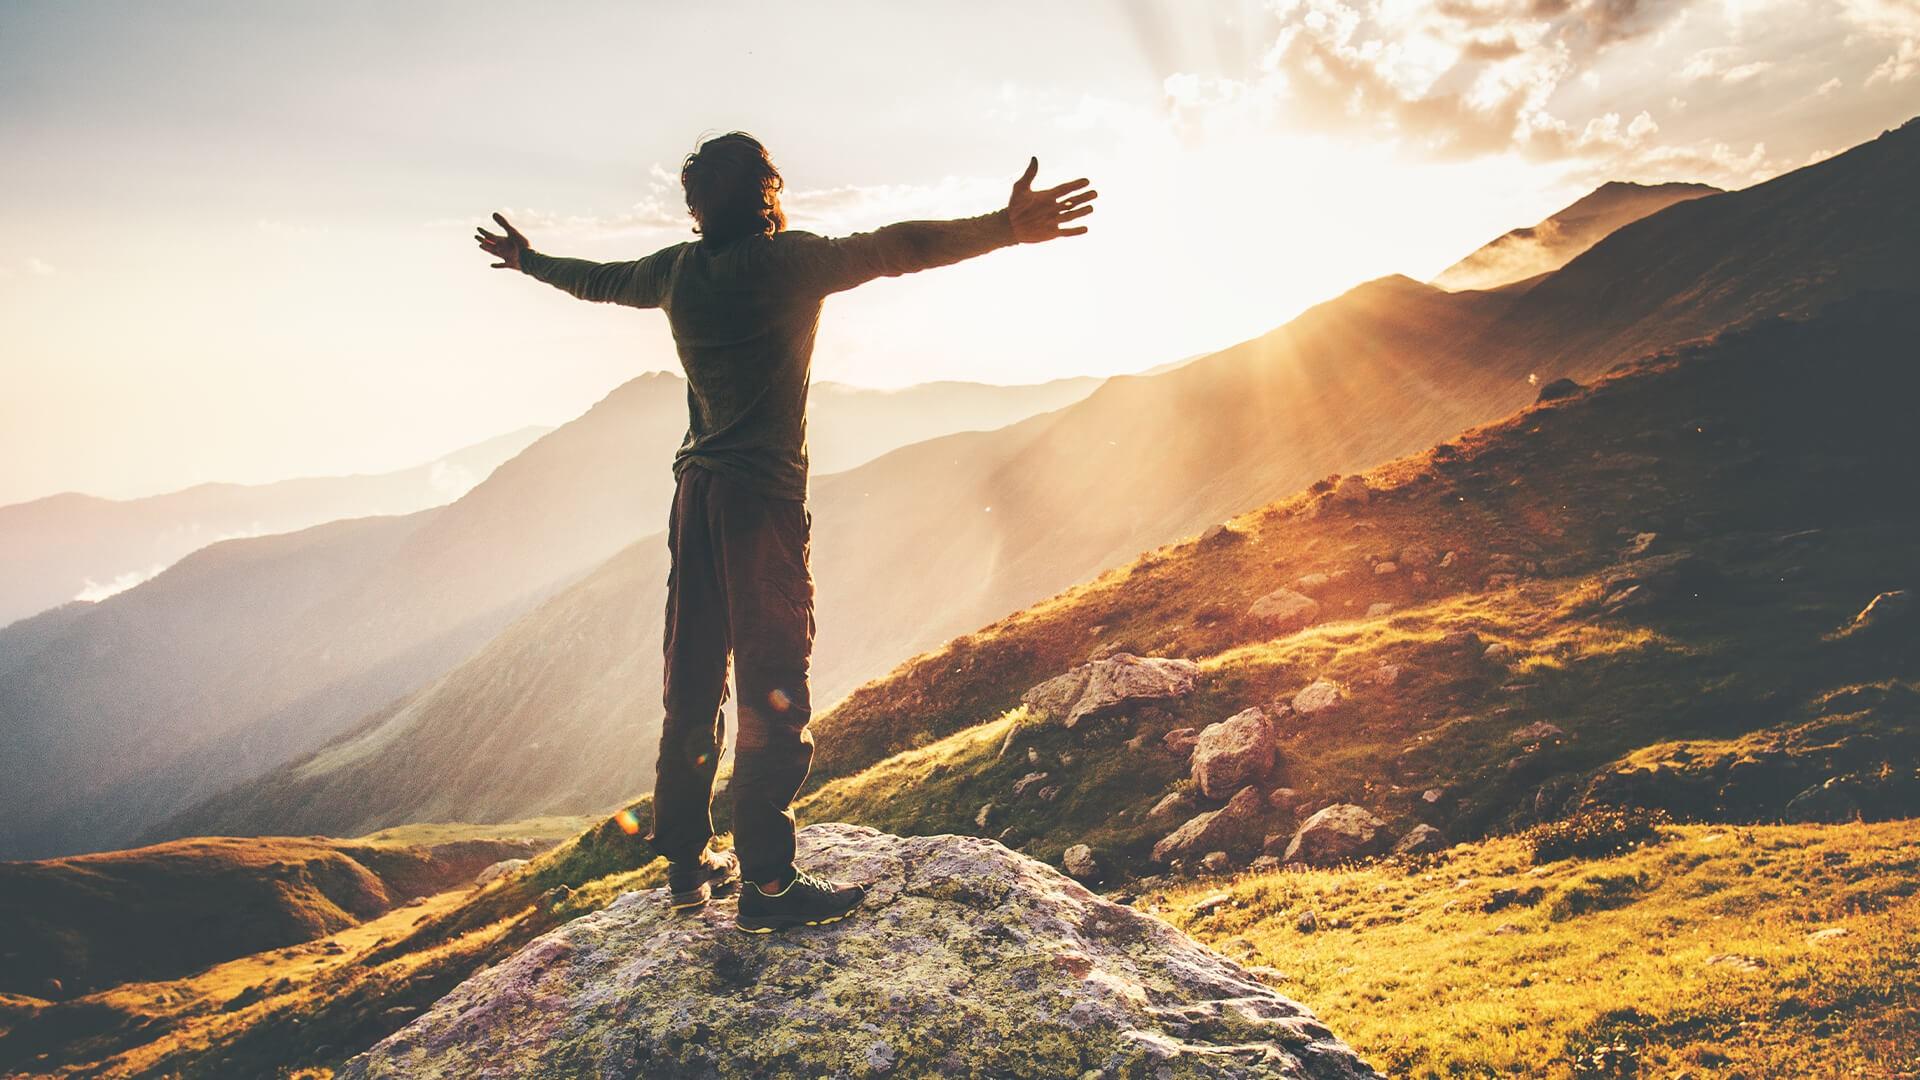 Motivational free image